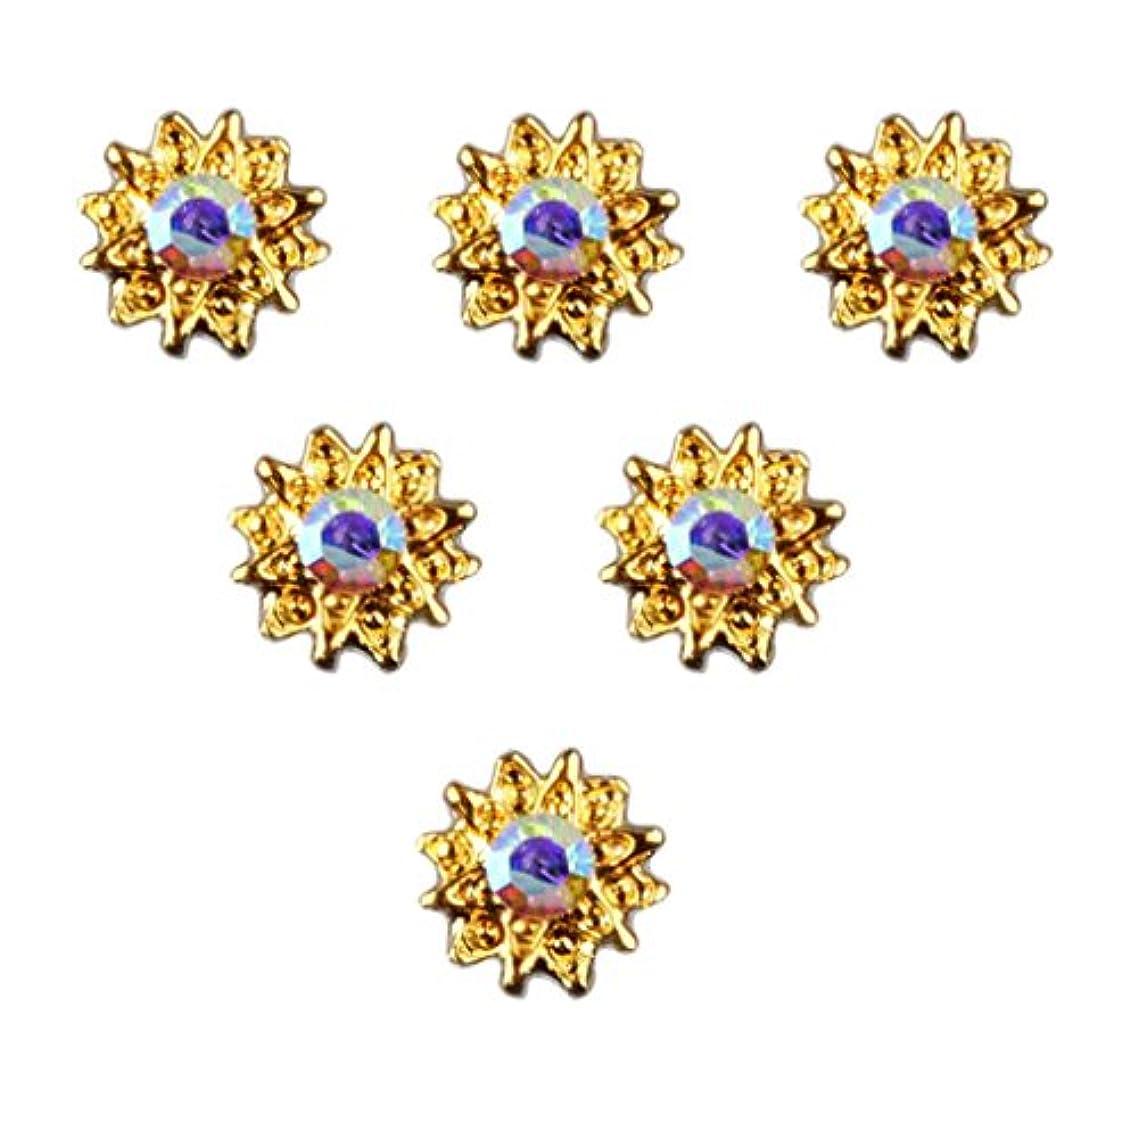 小間負盆地T TOOYFUL 全8種類 マニキュア ネイルデザイン ダイヤモンド 3Dネイルアート ヒントステッカー 50個入り - 5